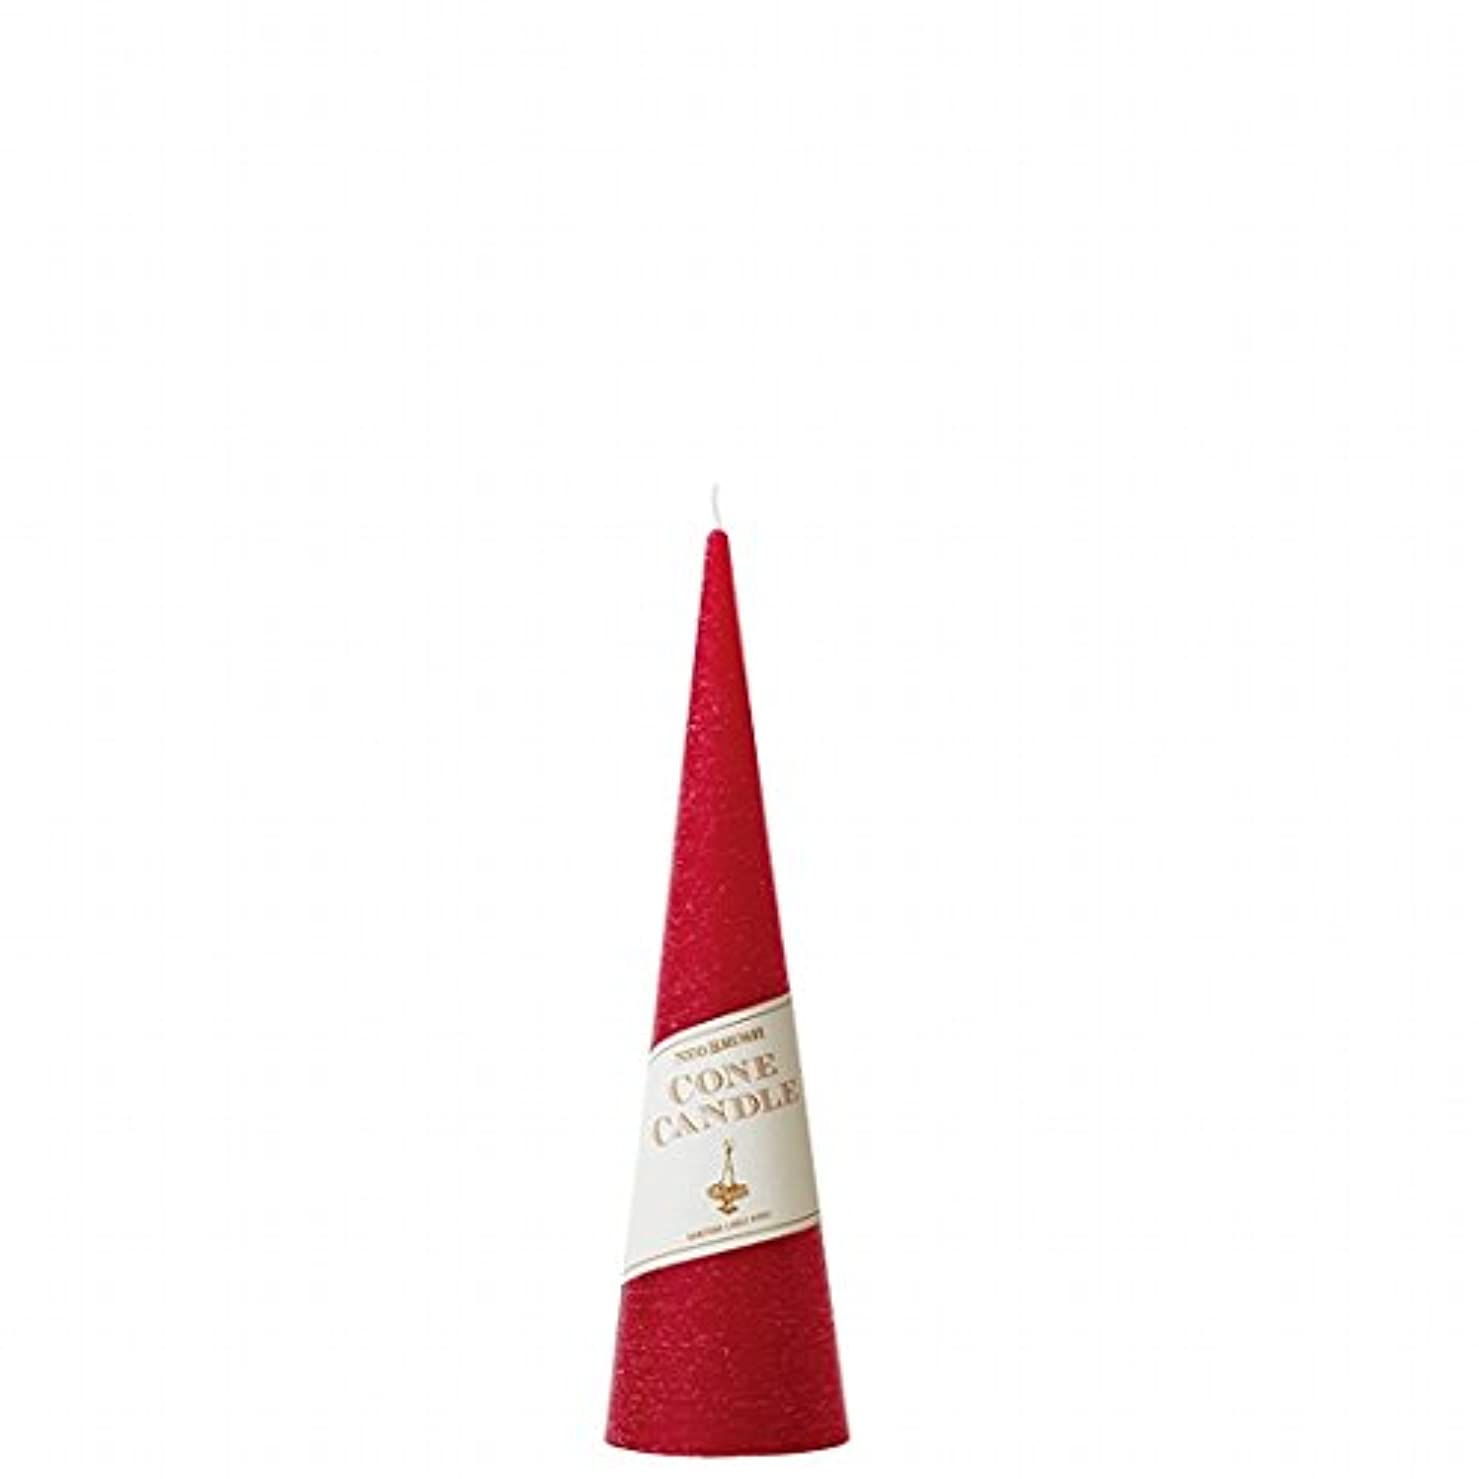 かもしれないクロス祈りカメヤマキャンドル(kameyama candle) ネオブラッシュコーン 180 キャンドル 「 レッド 」